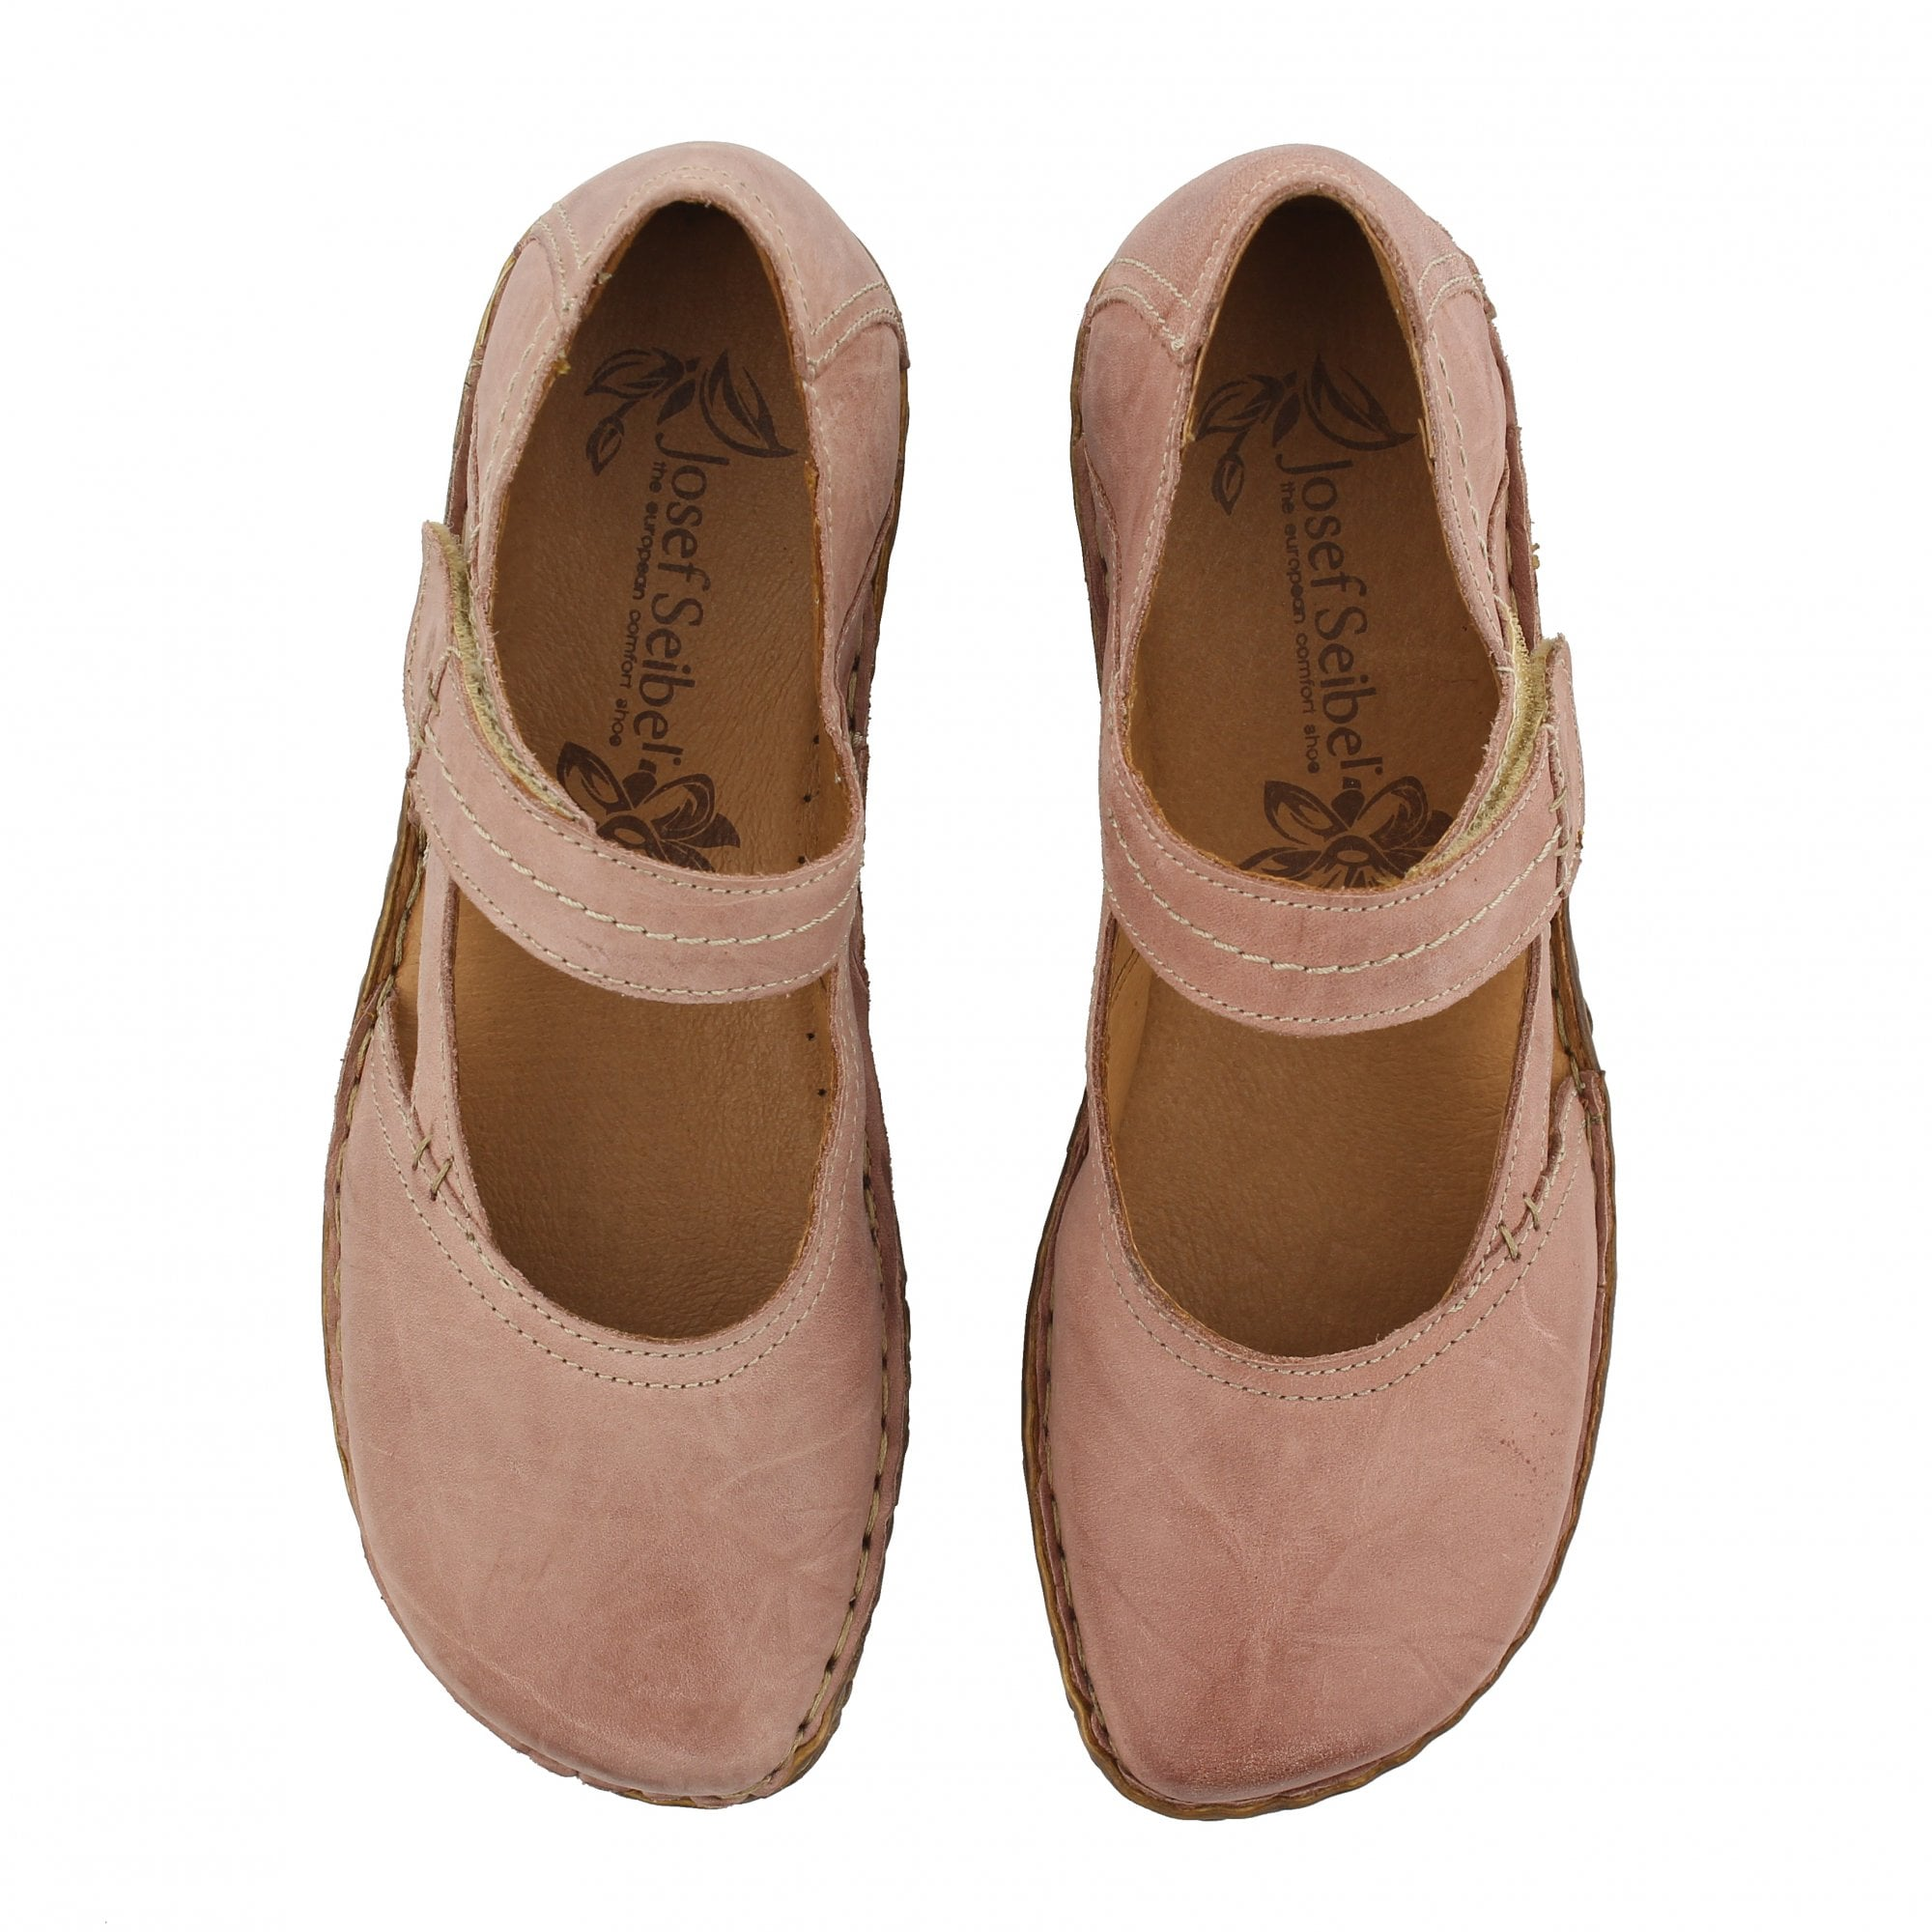 Josef Seibel Womens Rosalie 37 Ballet Flats